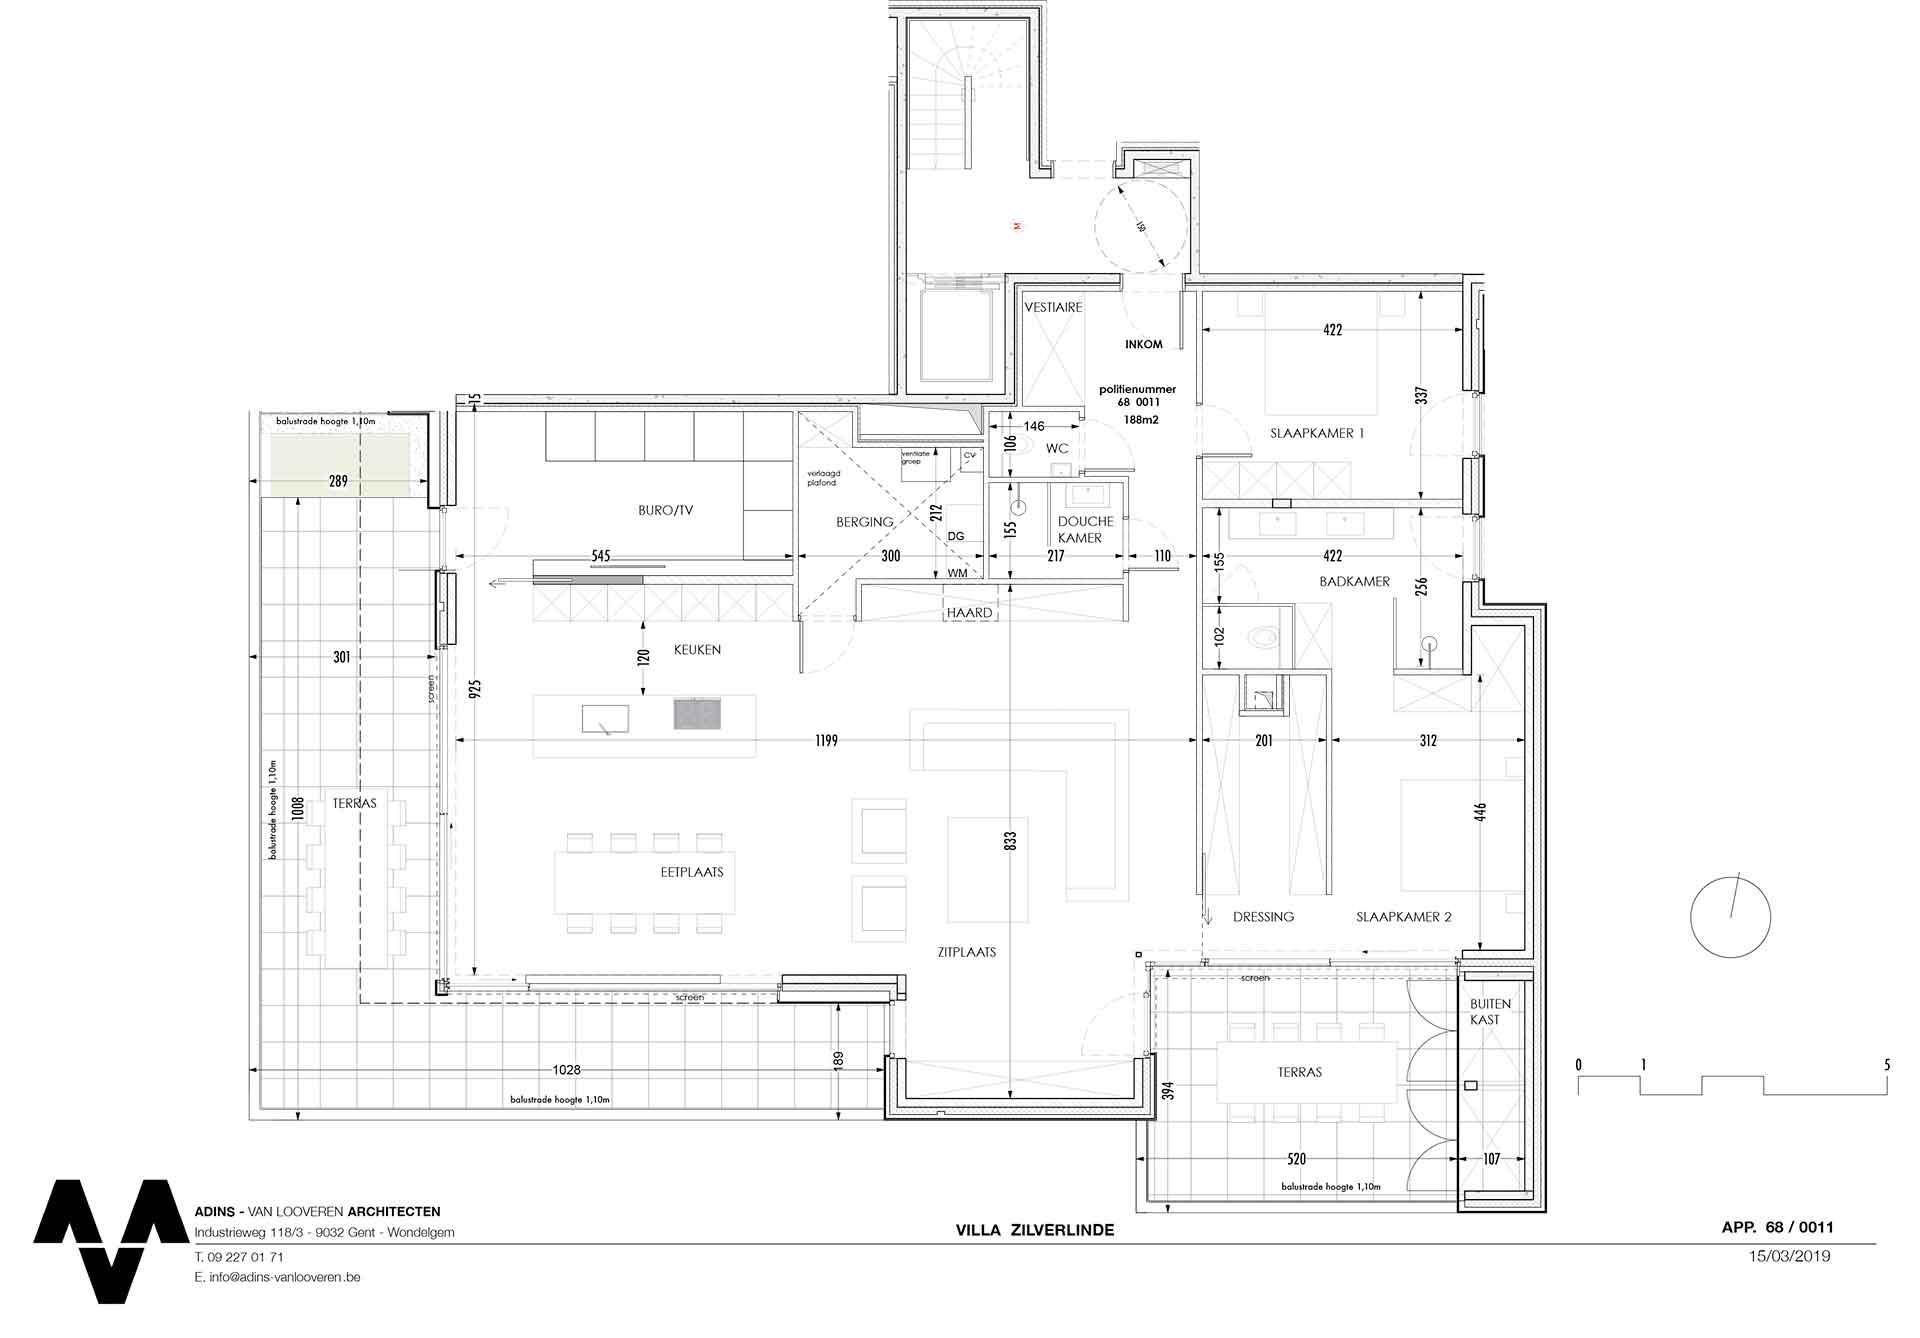 Villa <br/> Zilverlinde - image appartement-te-koop-kortrijk-villa-zilverlinde-11-1 on https://hoprom.be